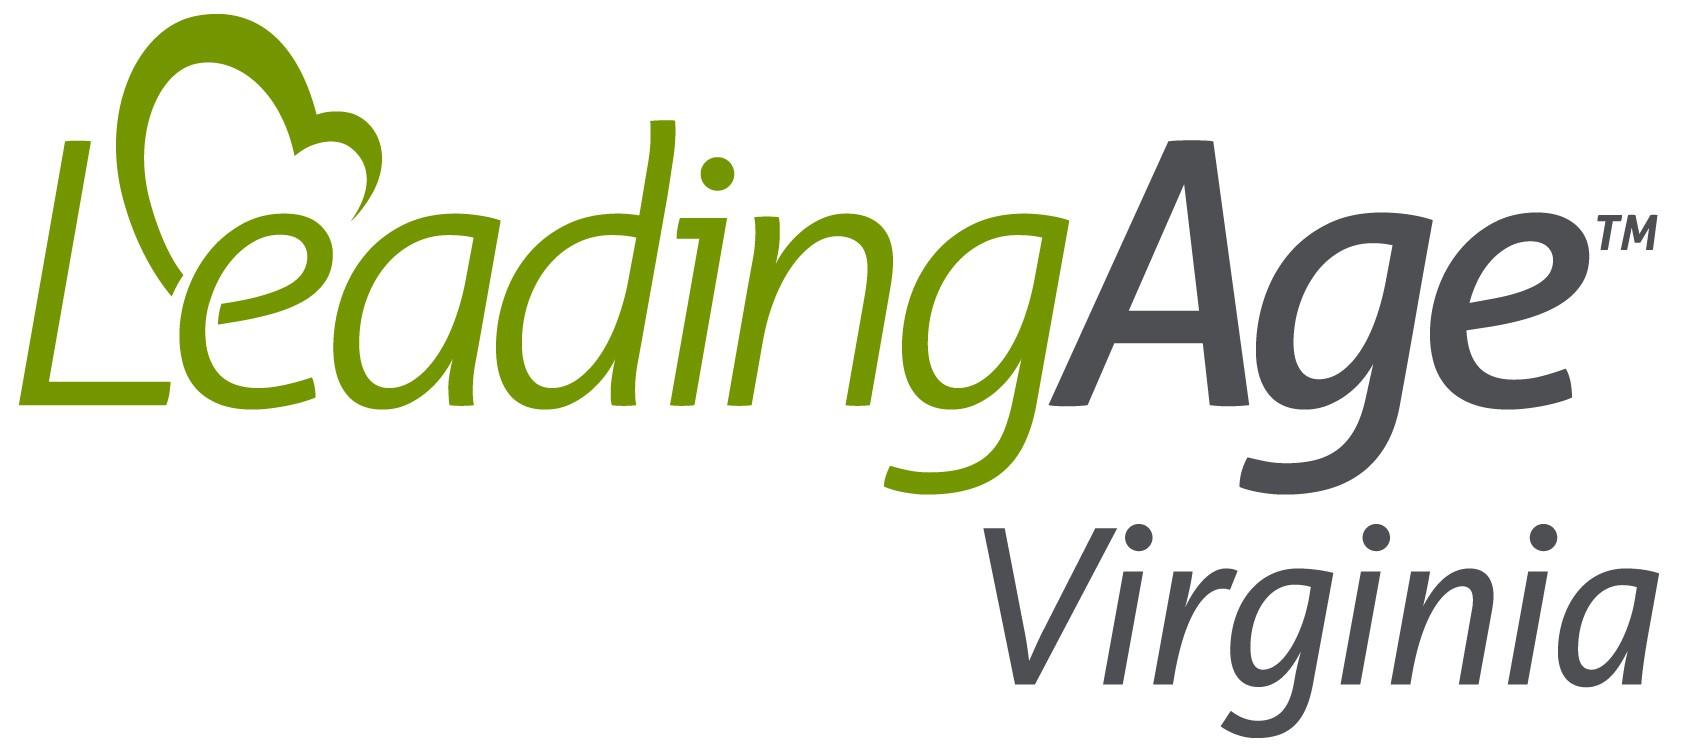 LeadingAge-Virginia.jpg